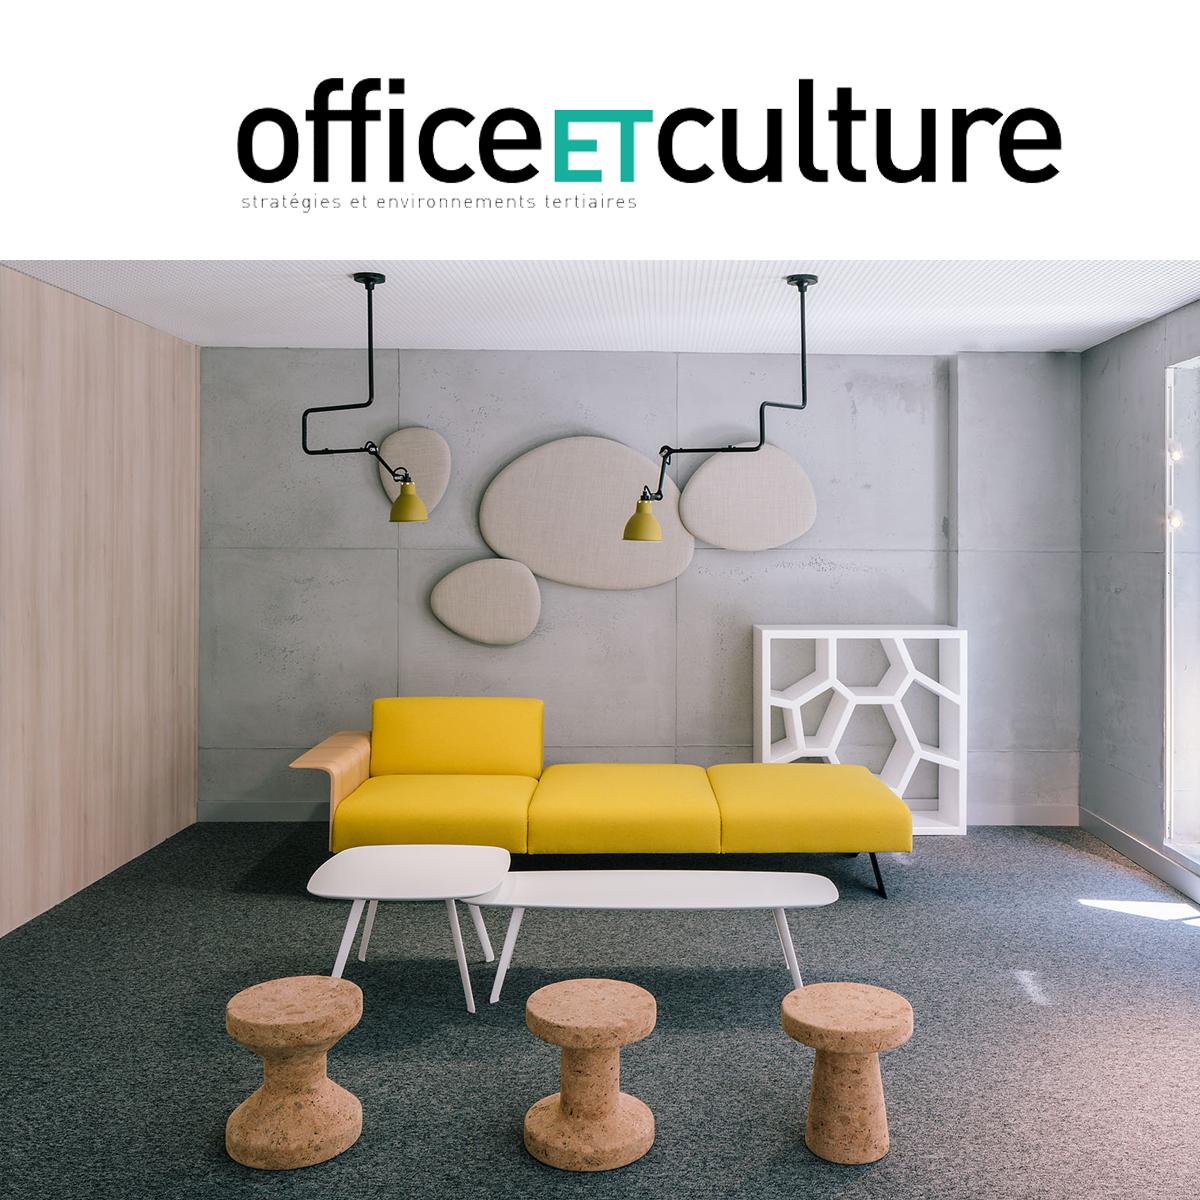 Office et Culture